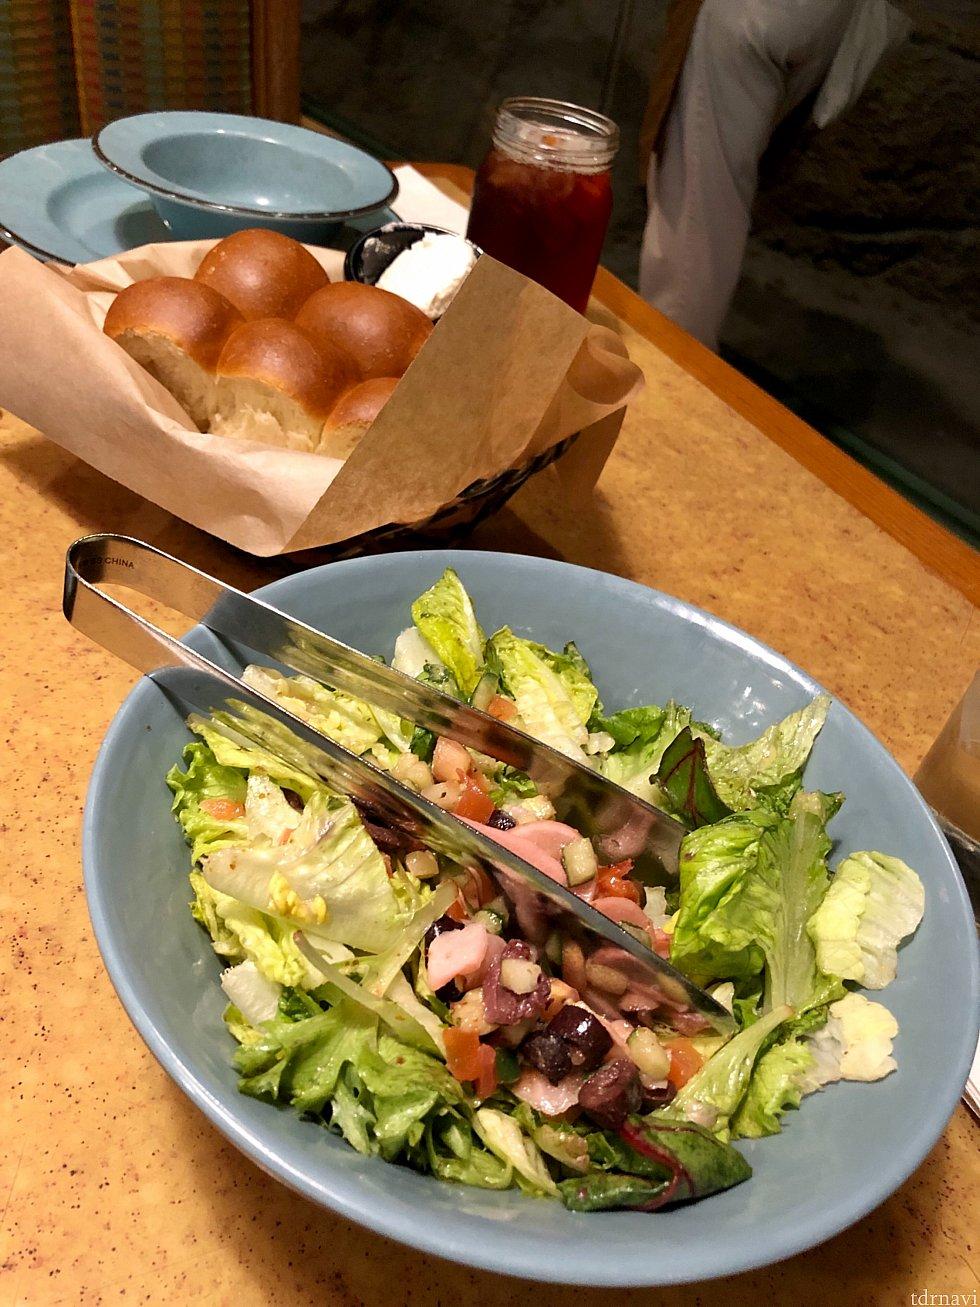 ジャスさんの事前情報通り、サラダがフレッシュでとても美味しかったです。でもサラダ食べ過ぎると、後が続かなくなります。笑